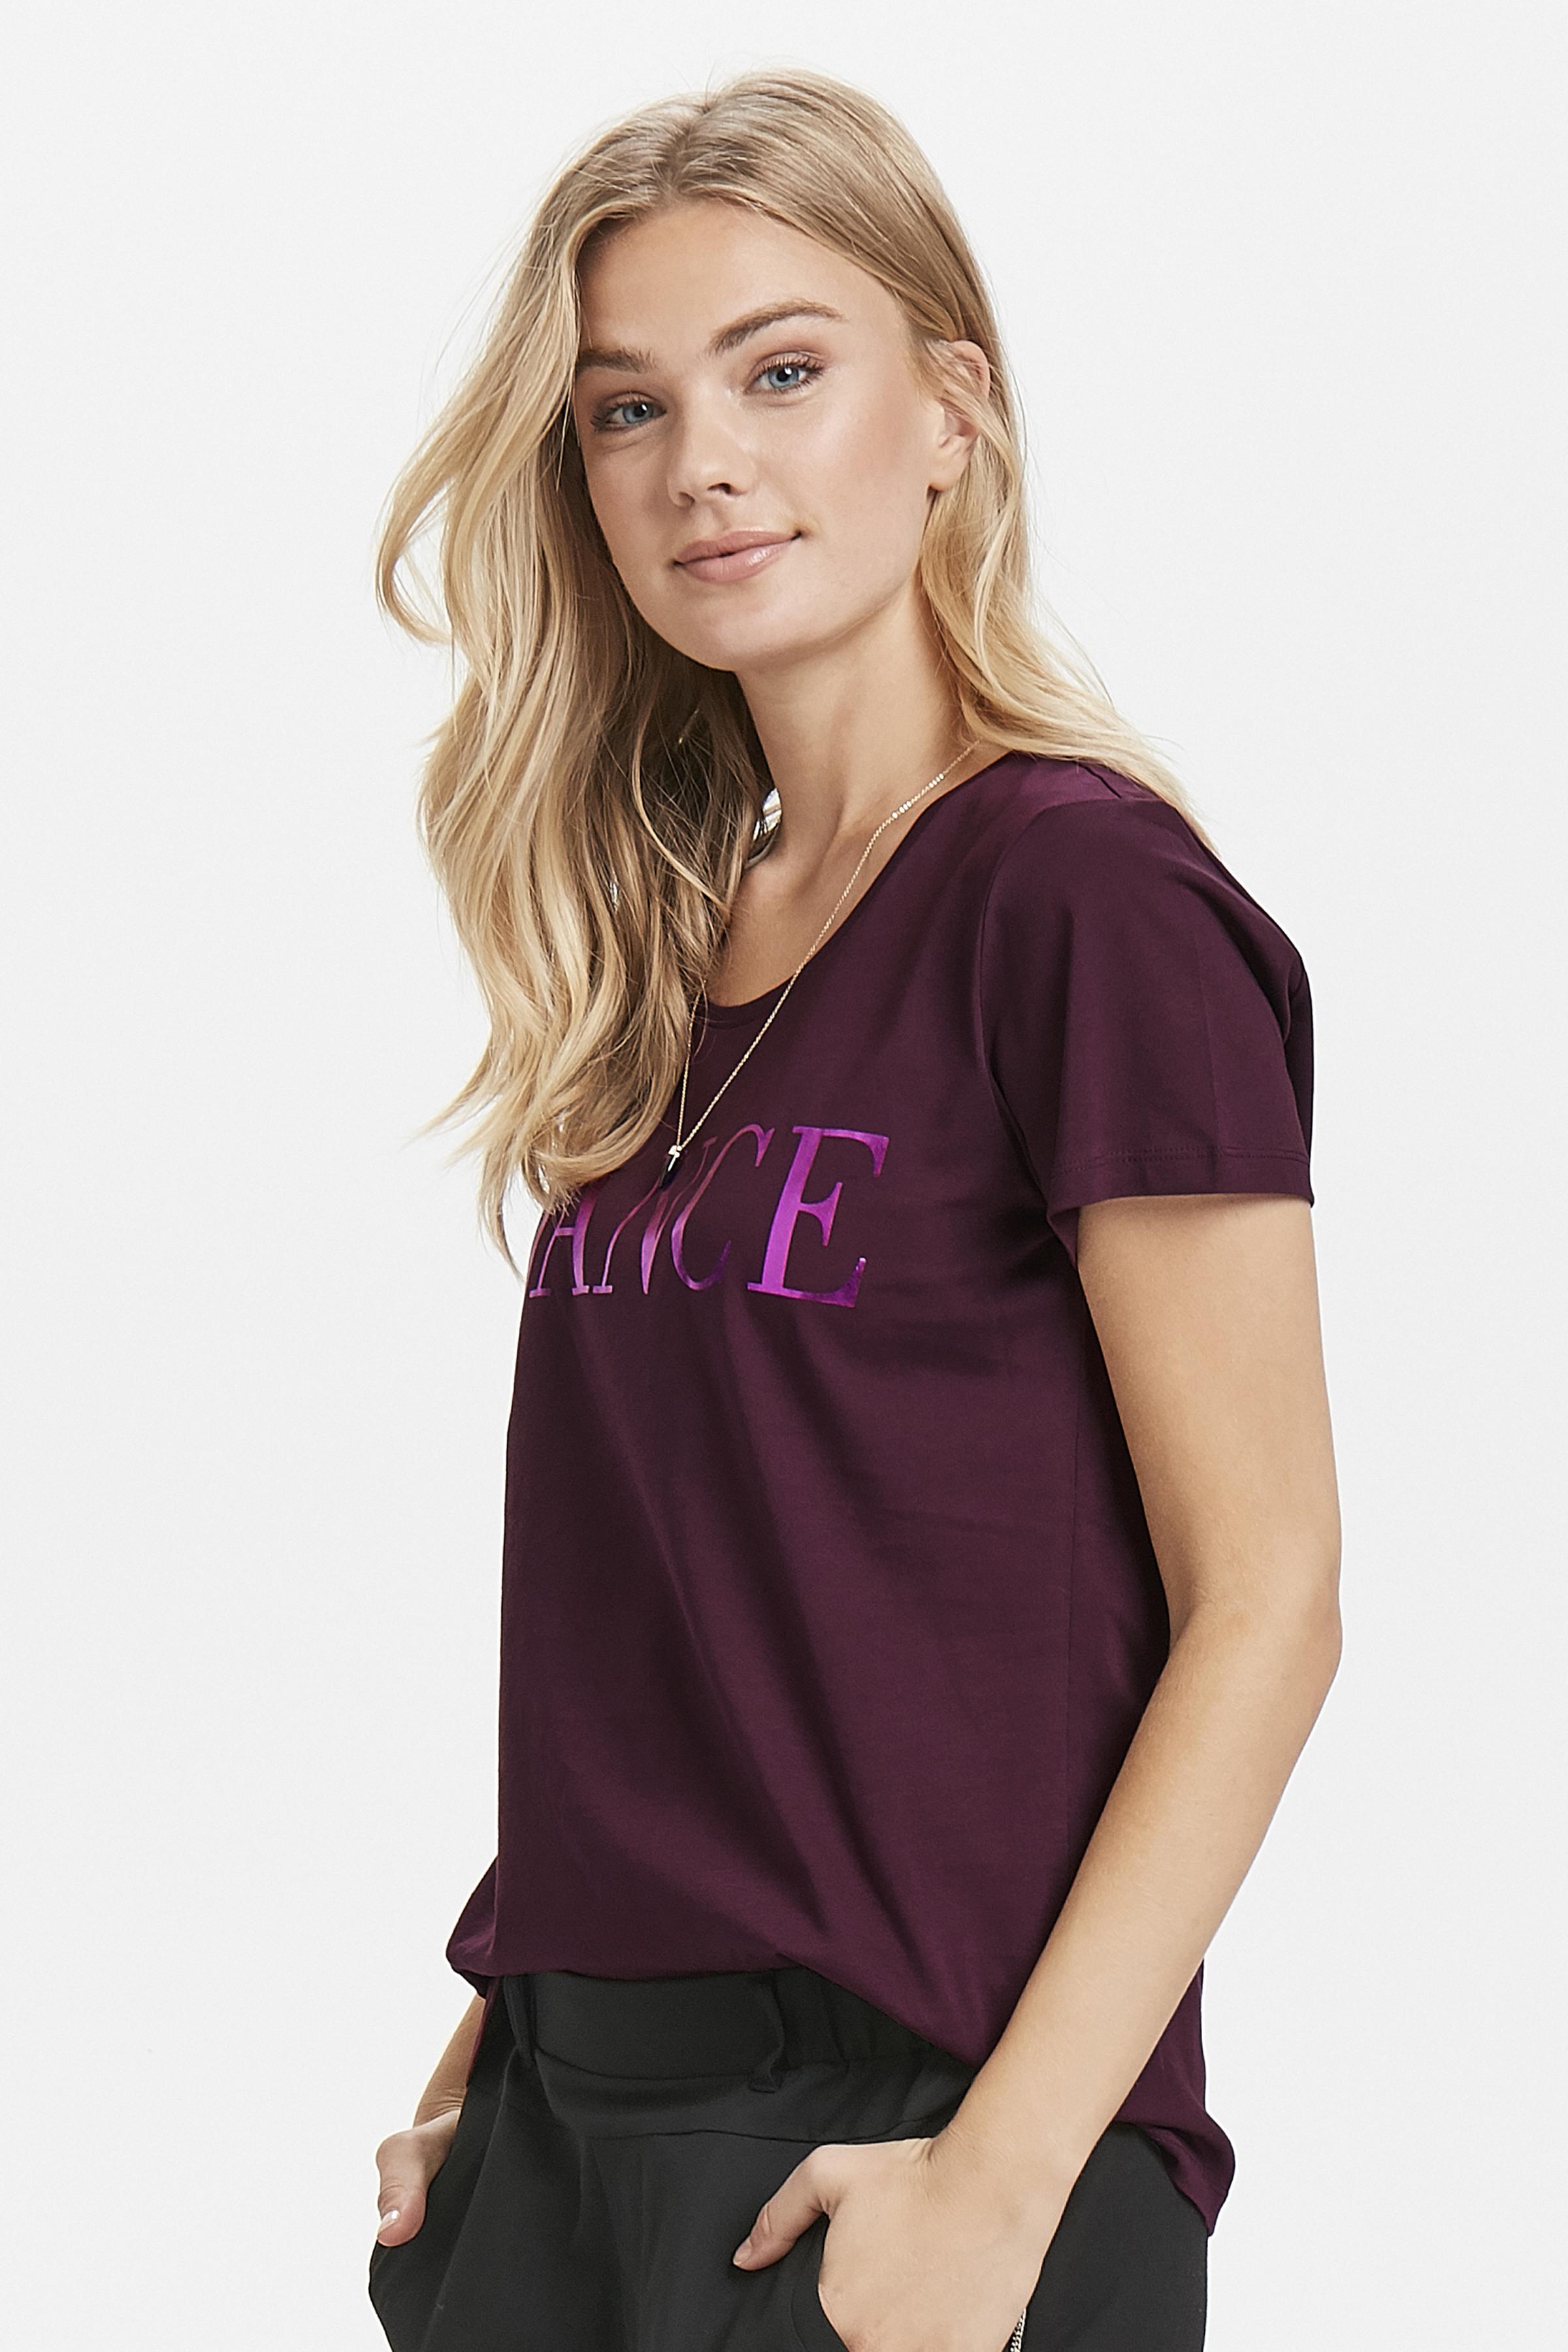 Dunkel bordeaux Kurzarm T-Shirt von Kaffe – Shoppen Sie Dunkel bordeaux Kurzarm T-Shirt ab Gr. XS-XXL hier